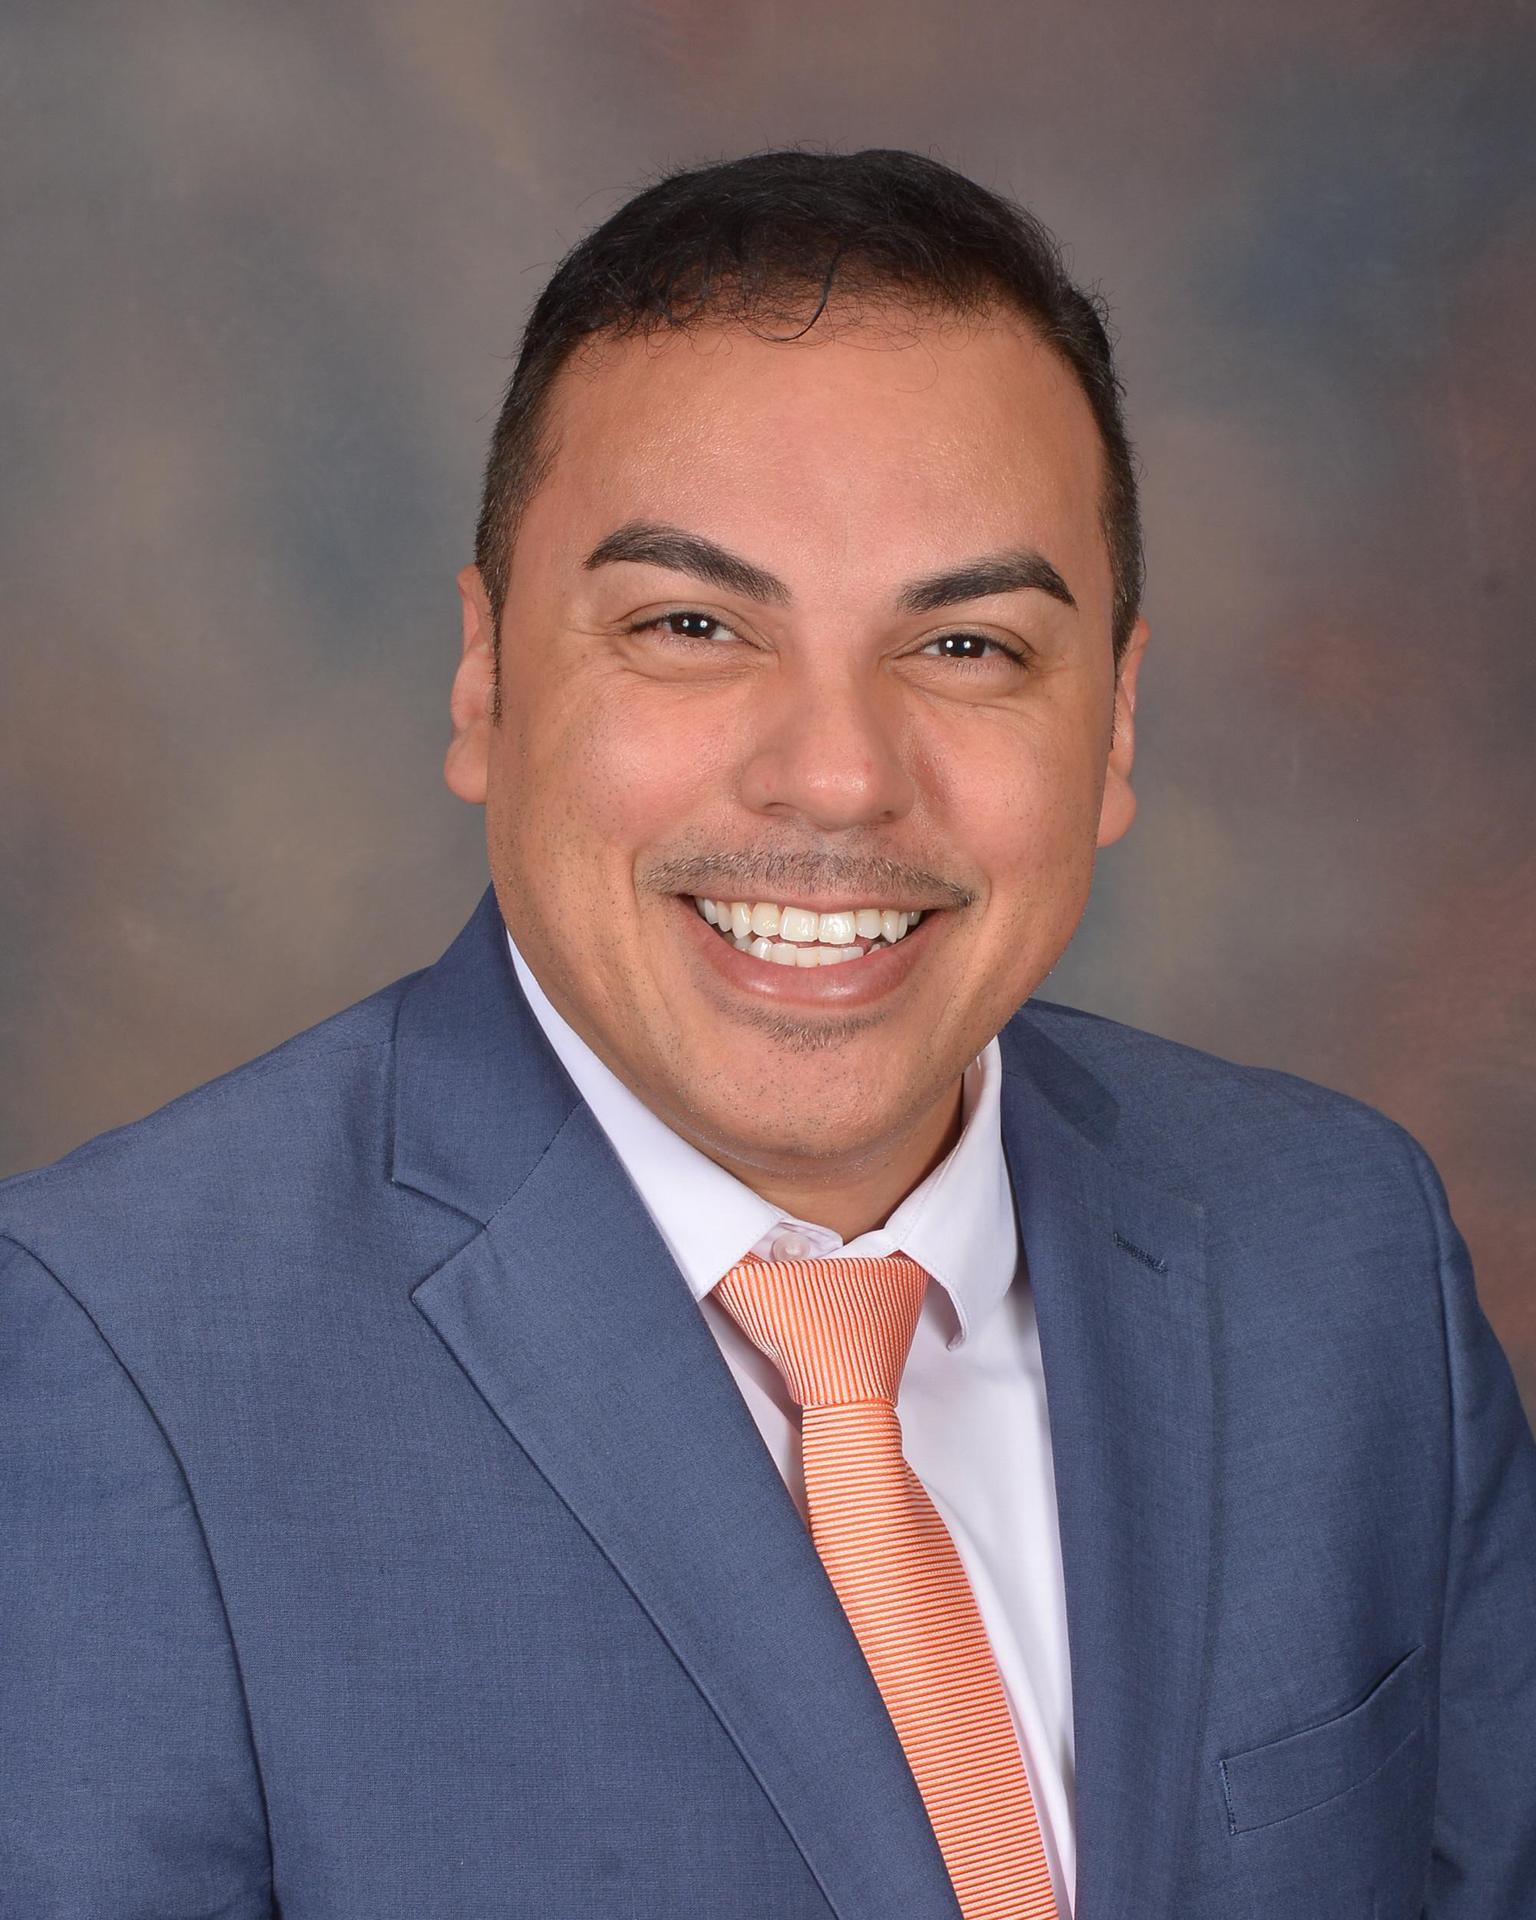 Raul Mateo Magdaleno